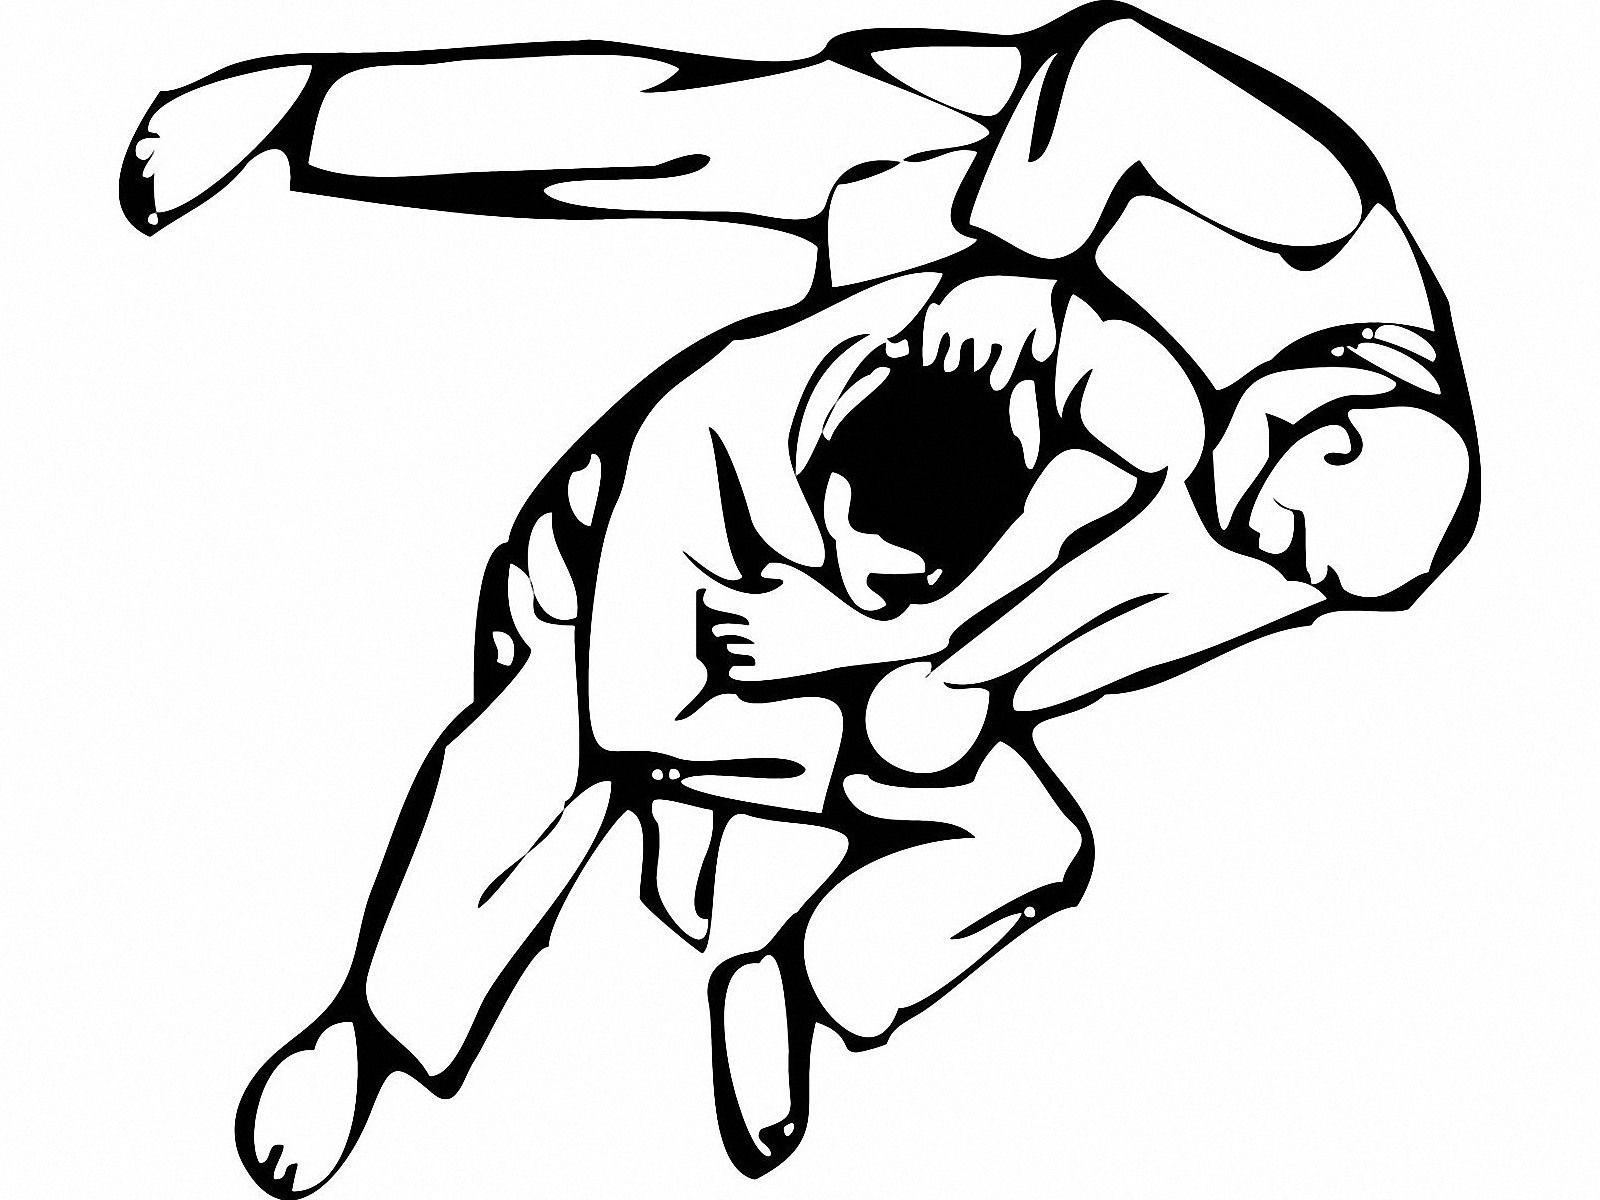 Frais Image Judoka à Colorier